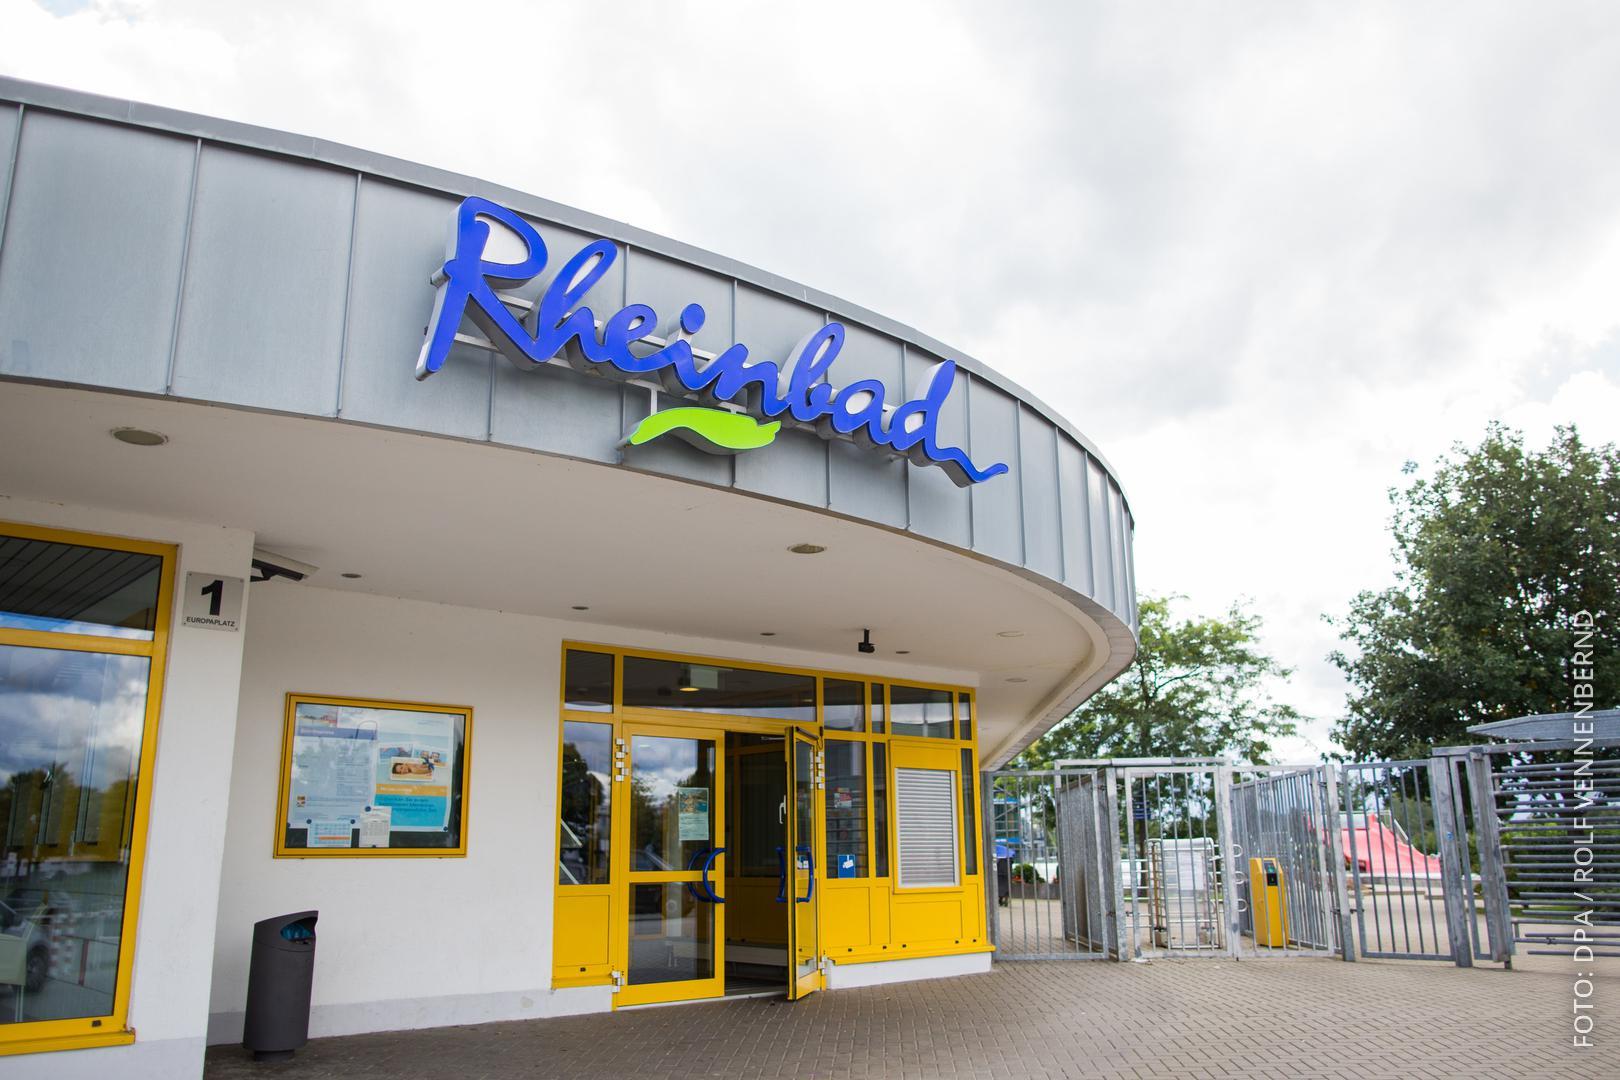 Der Eingang des Düsseldorfer Rheinbads